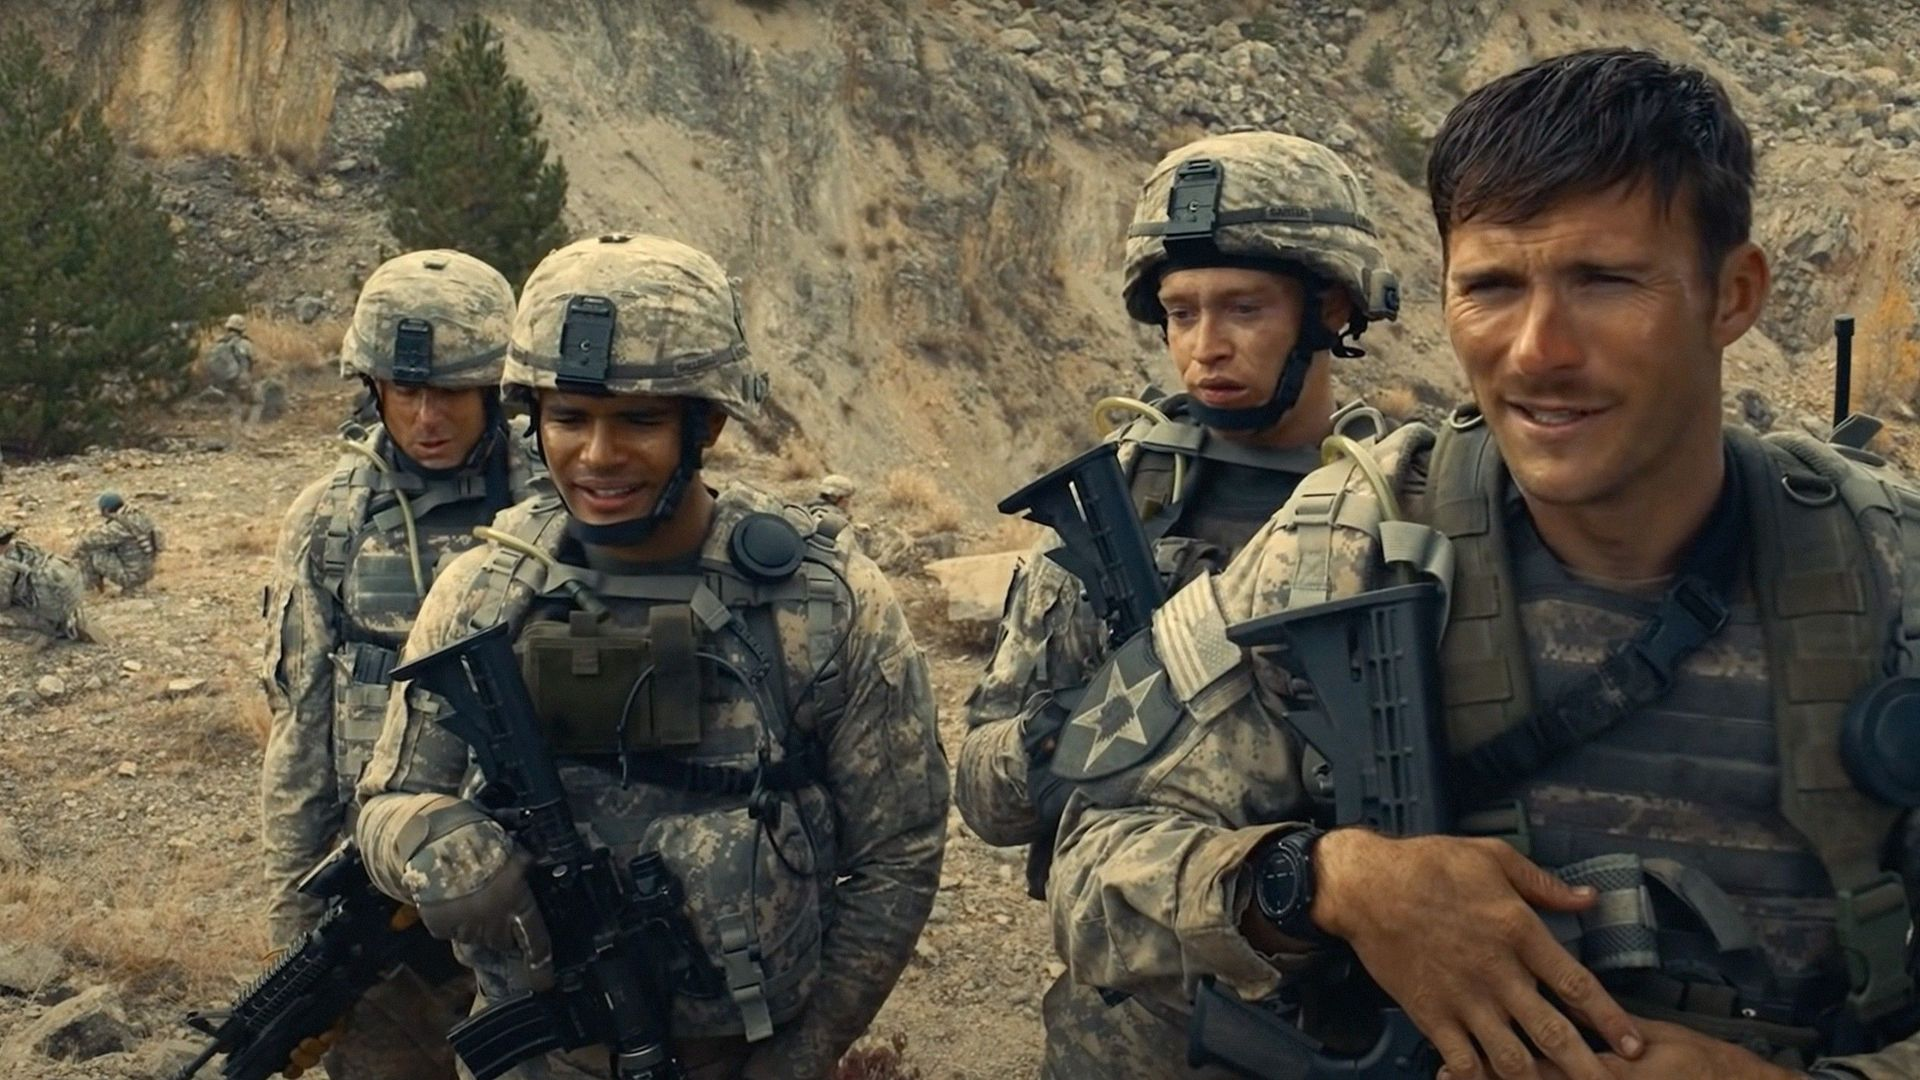 veterans-in-movies